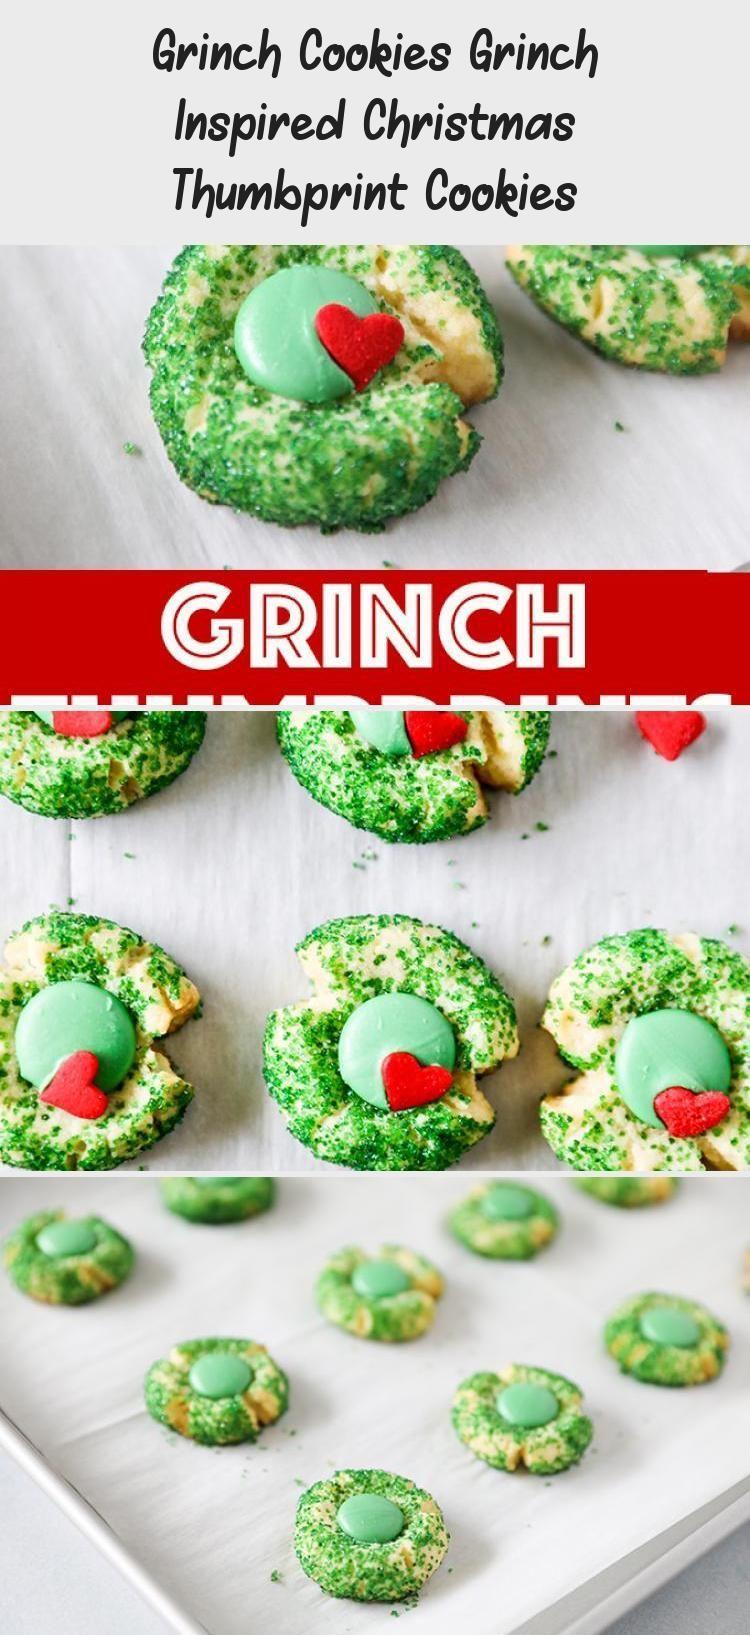 Grinch Cookies Grinch inspirierte Weihnachten Thumbprint Cookies #grinchcookies ... #grinchcookies